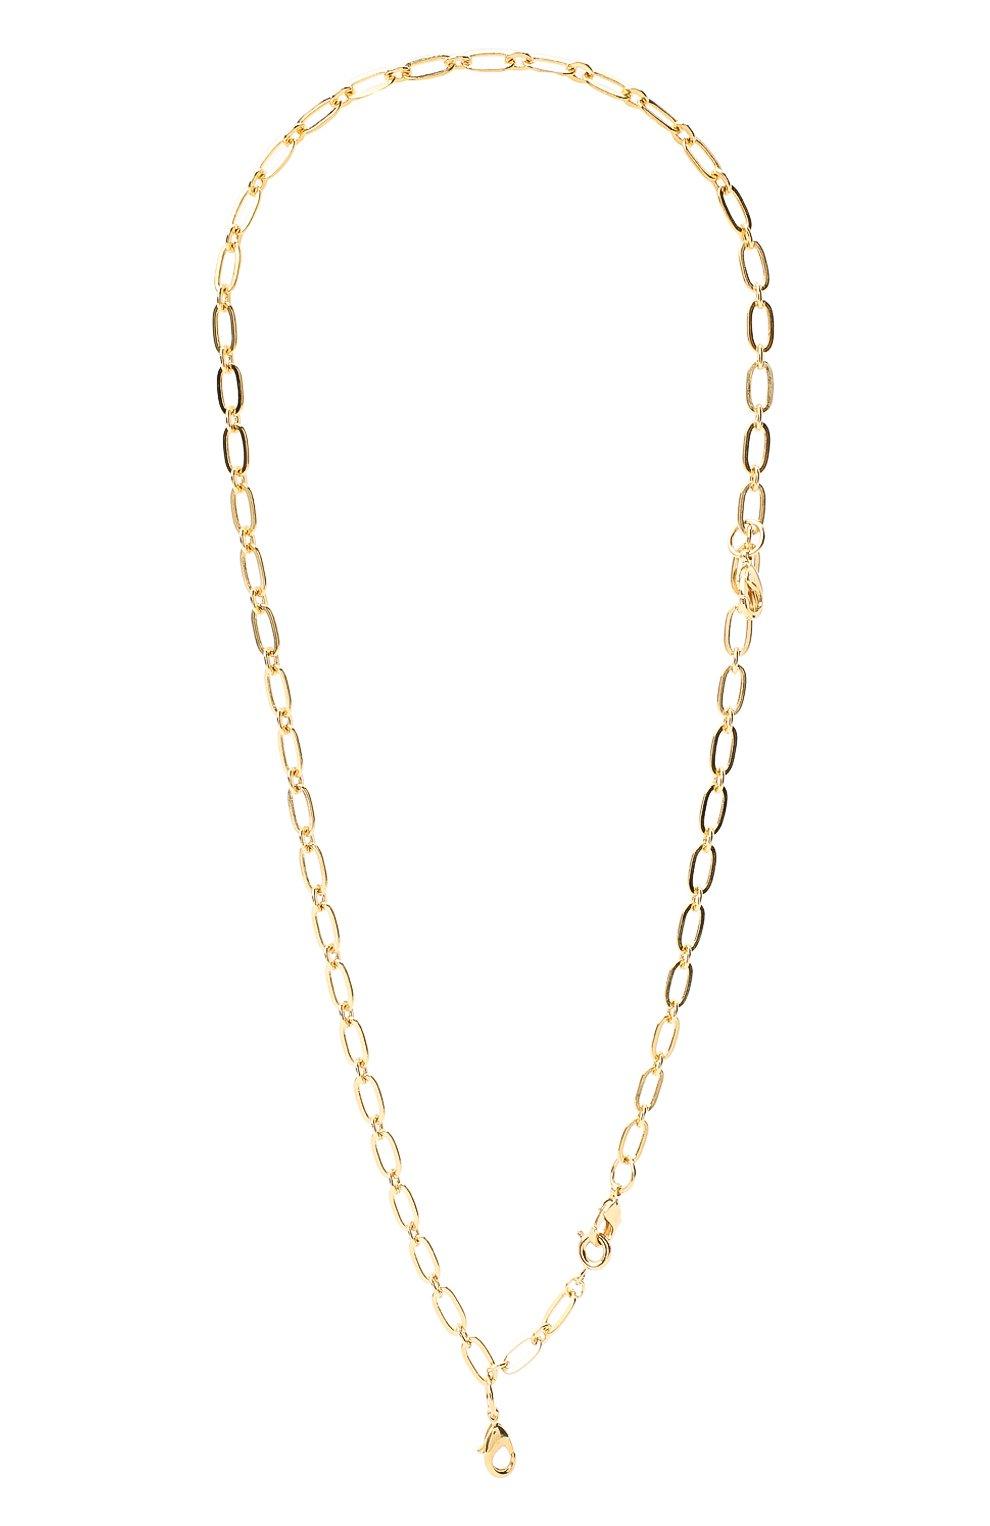 Женское колье HYPSO золотого цвета, арт. C0LLIER 3 M0USQUET0NS | Фото 1